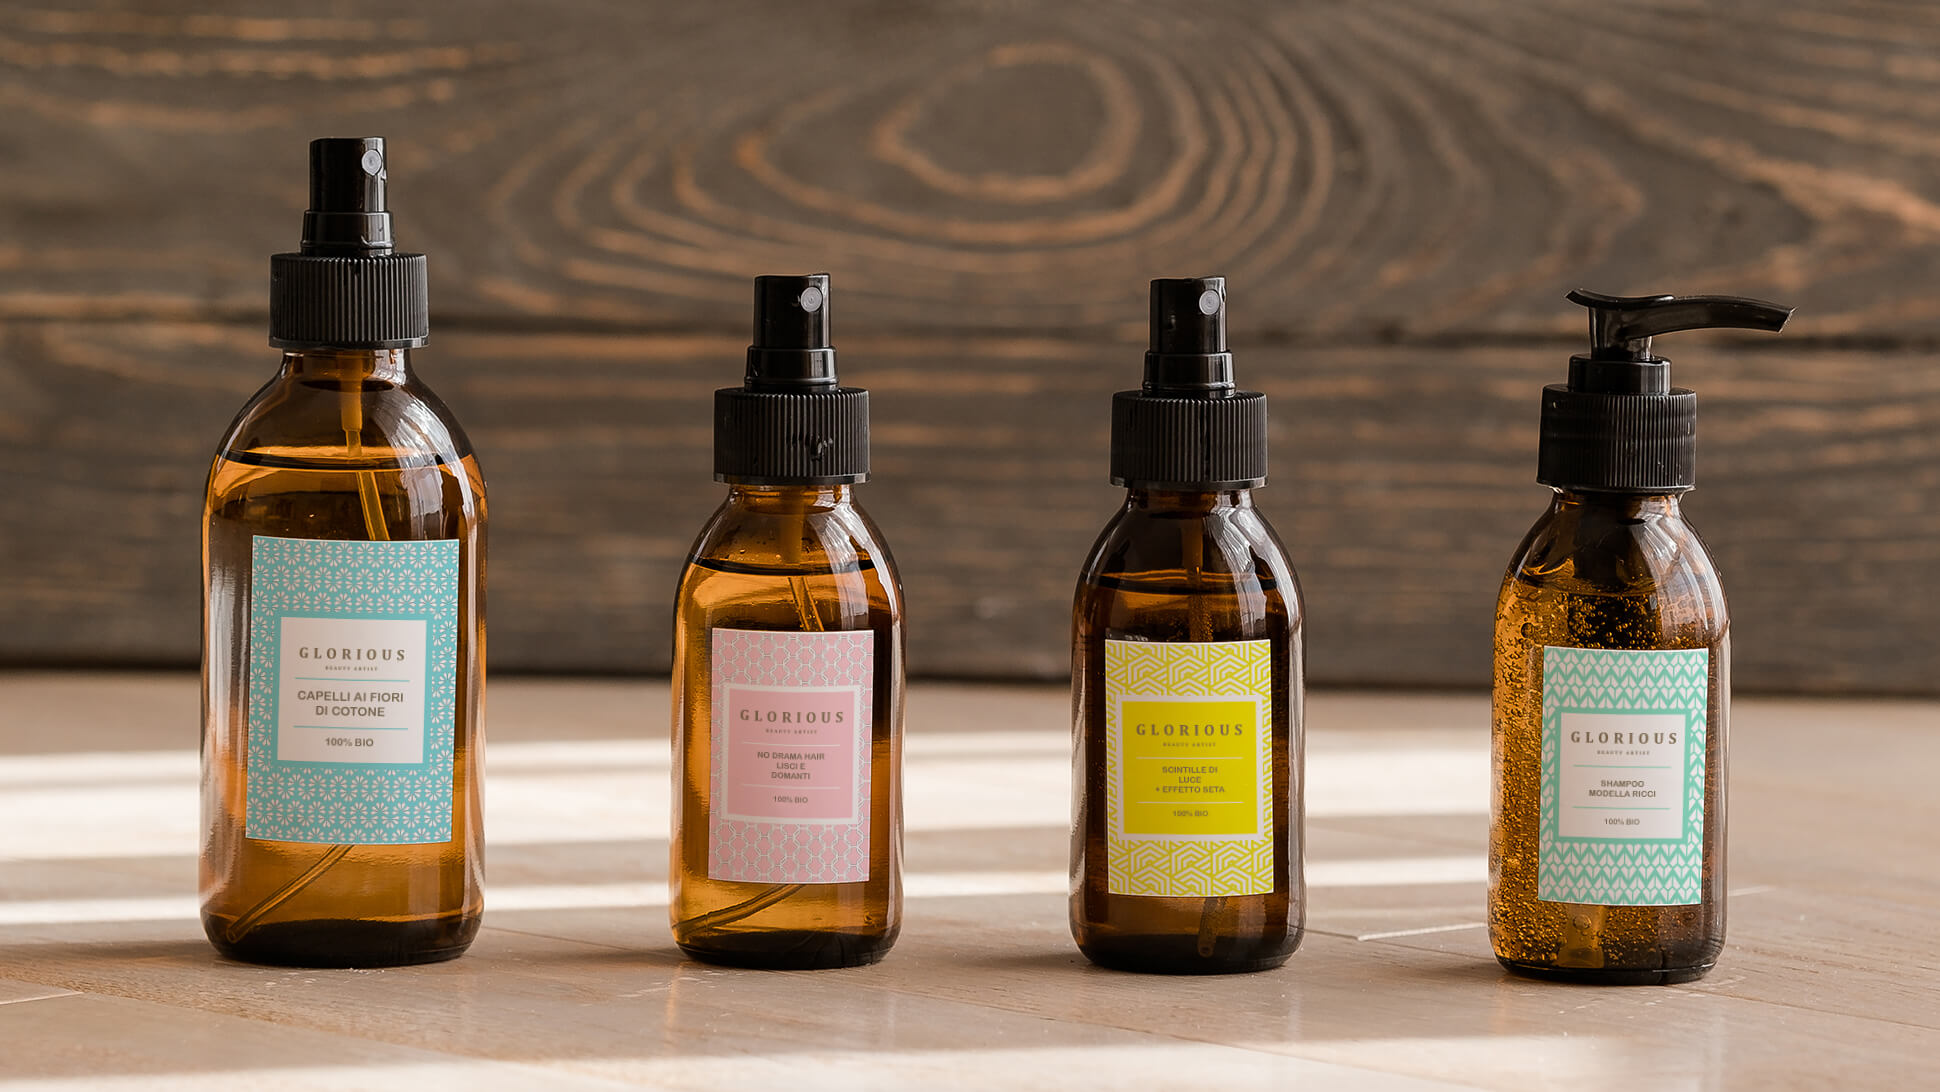 Etichette per bottiglie e flaconi di prodotti per capelli e cosmesi | tictac.it